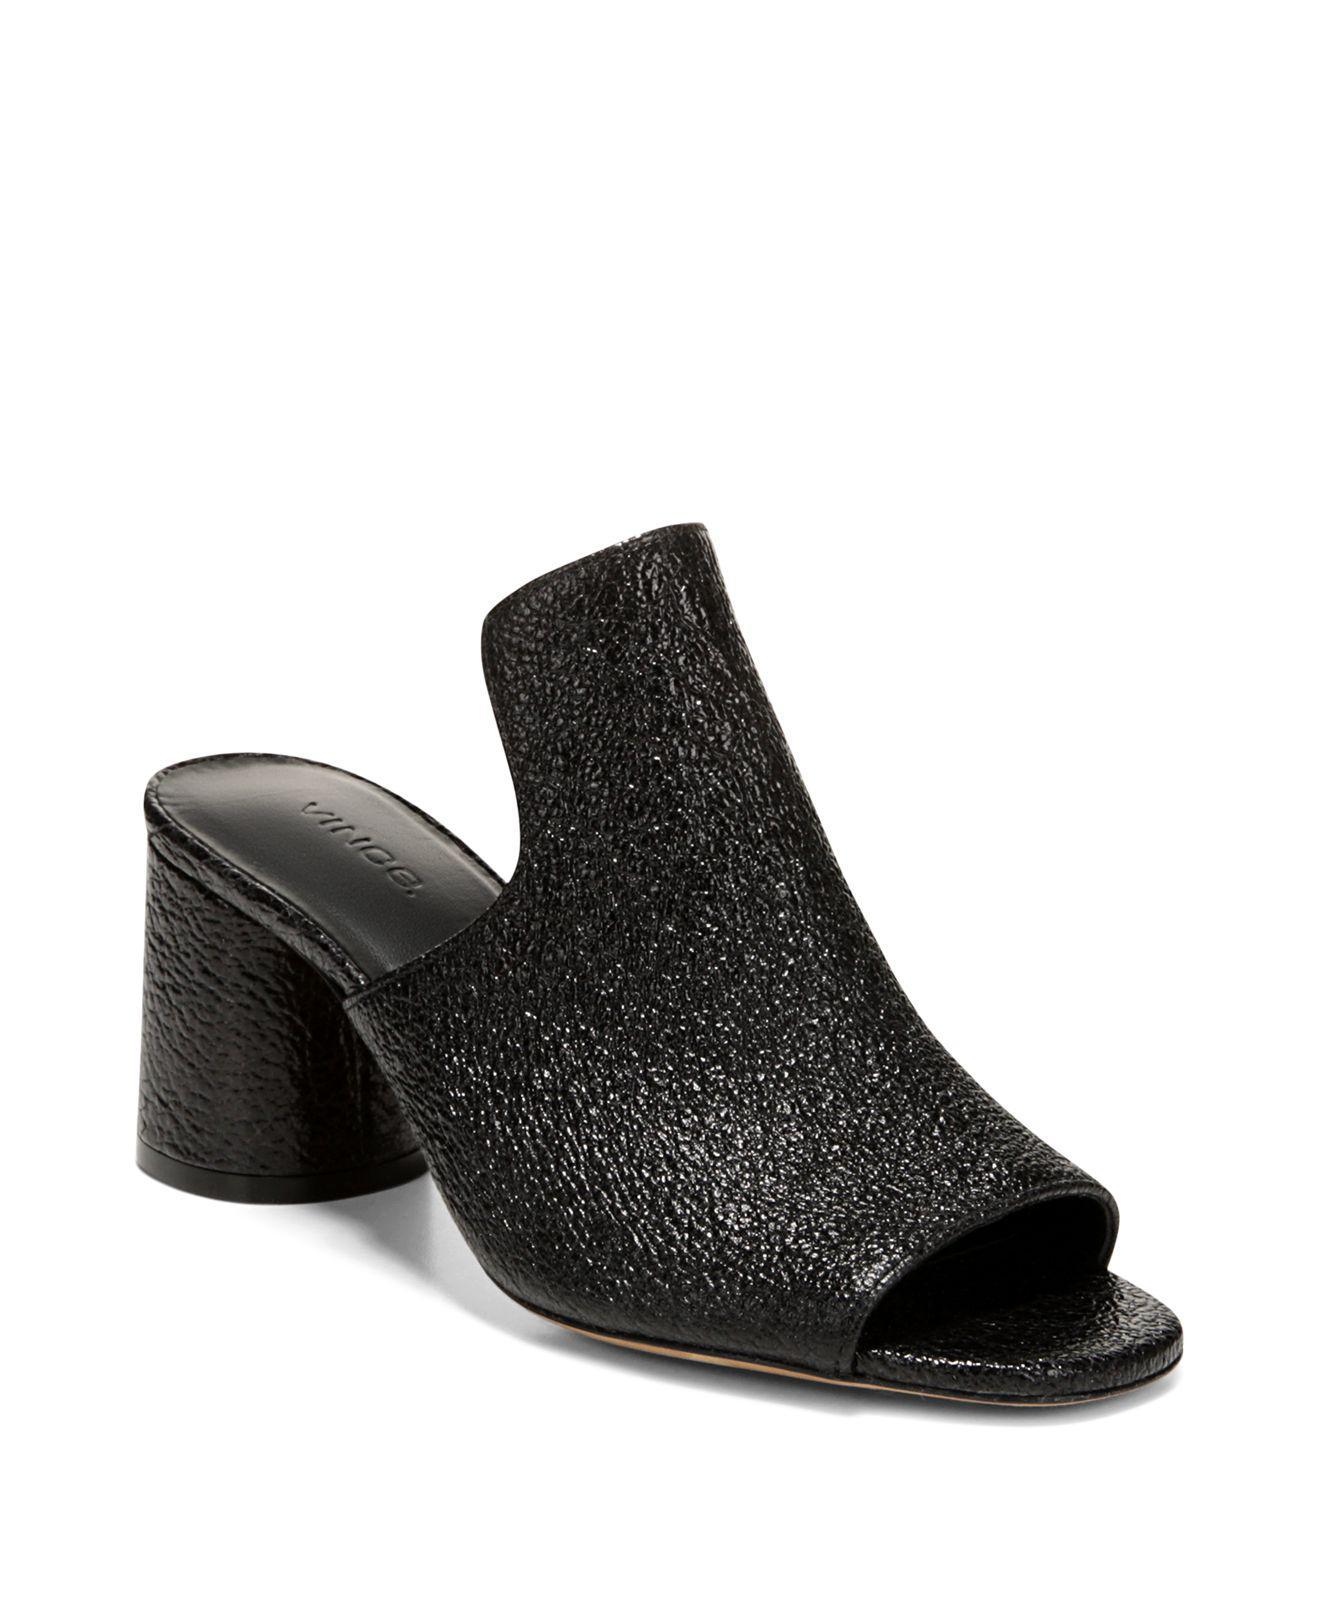 Vince Women's Tanay Suede High-Heel Slide Sandals 4opAlqt